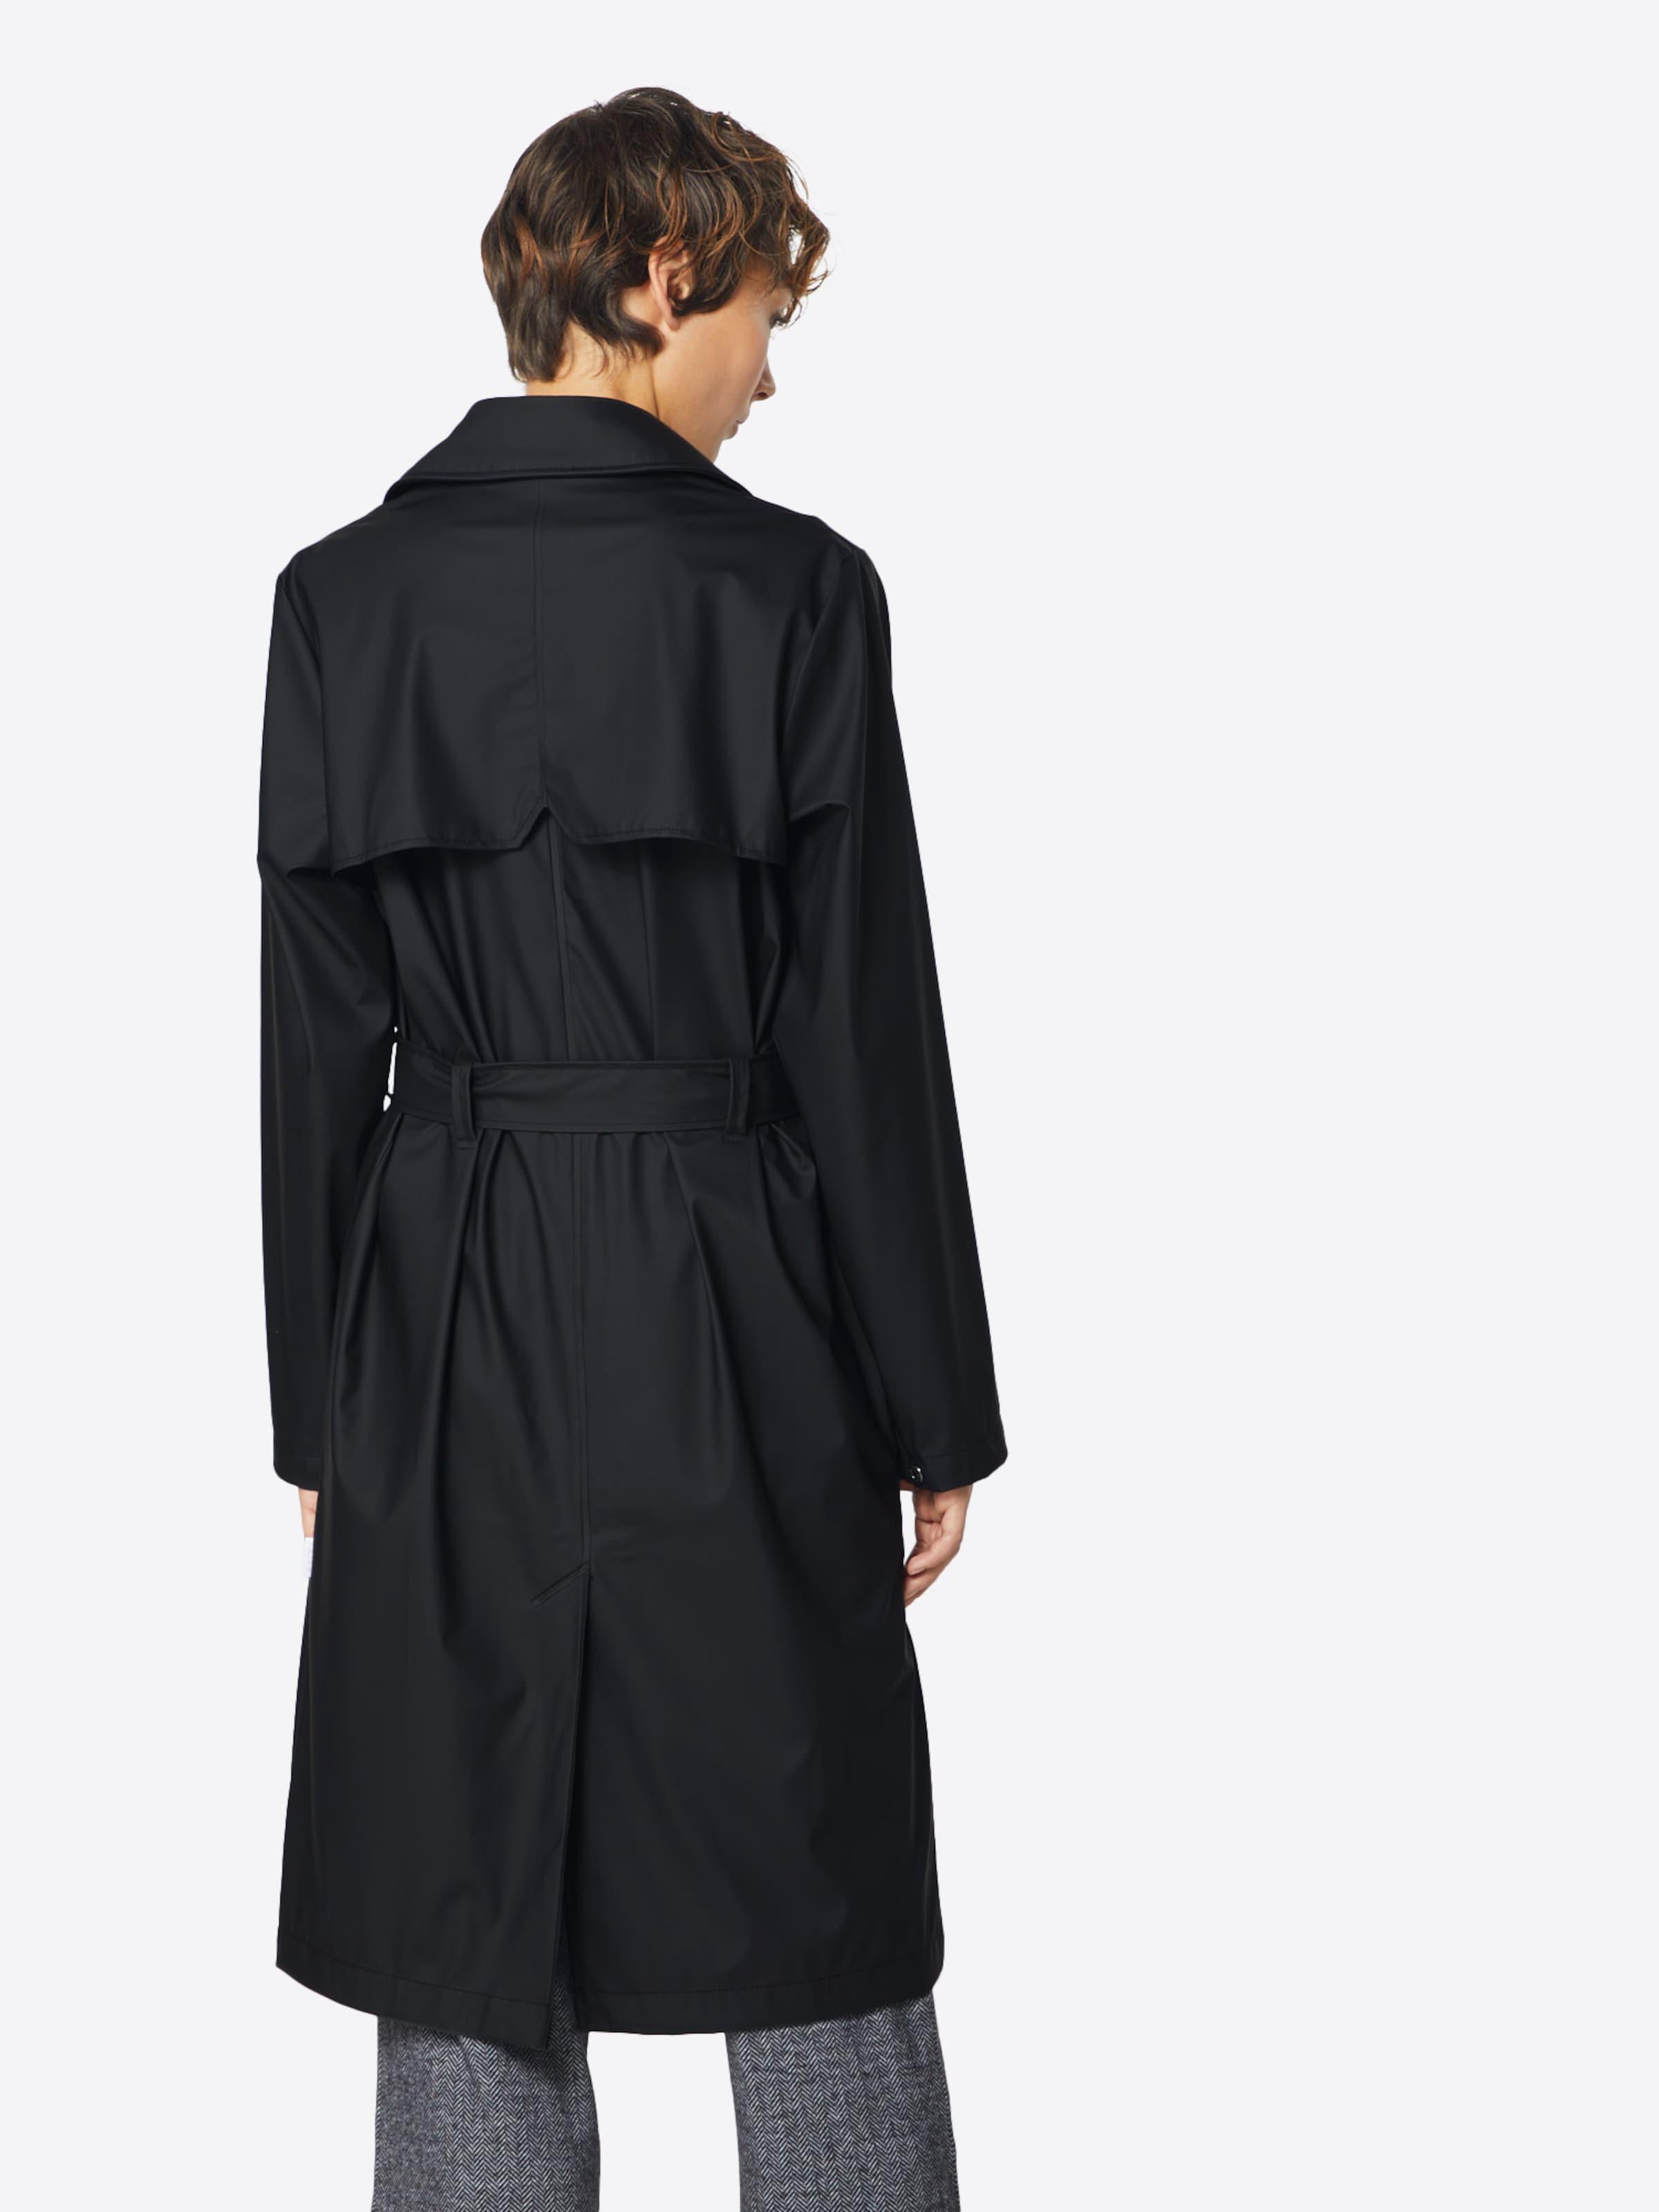 Mi En saison Noir Rains Manteau wPk0On